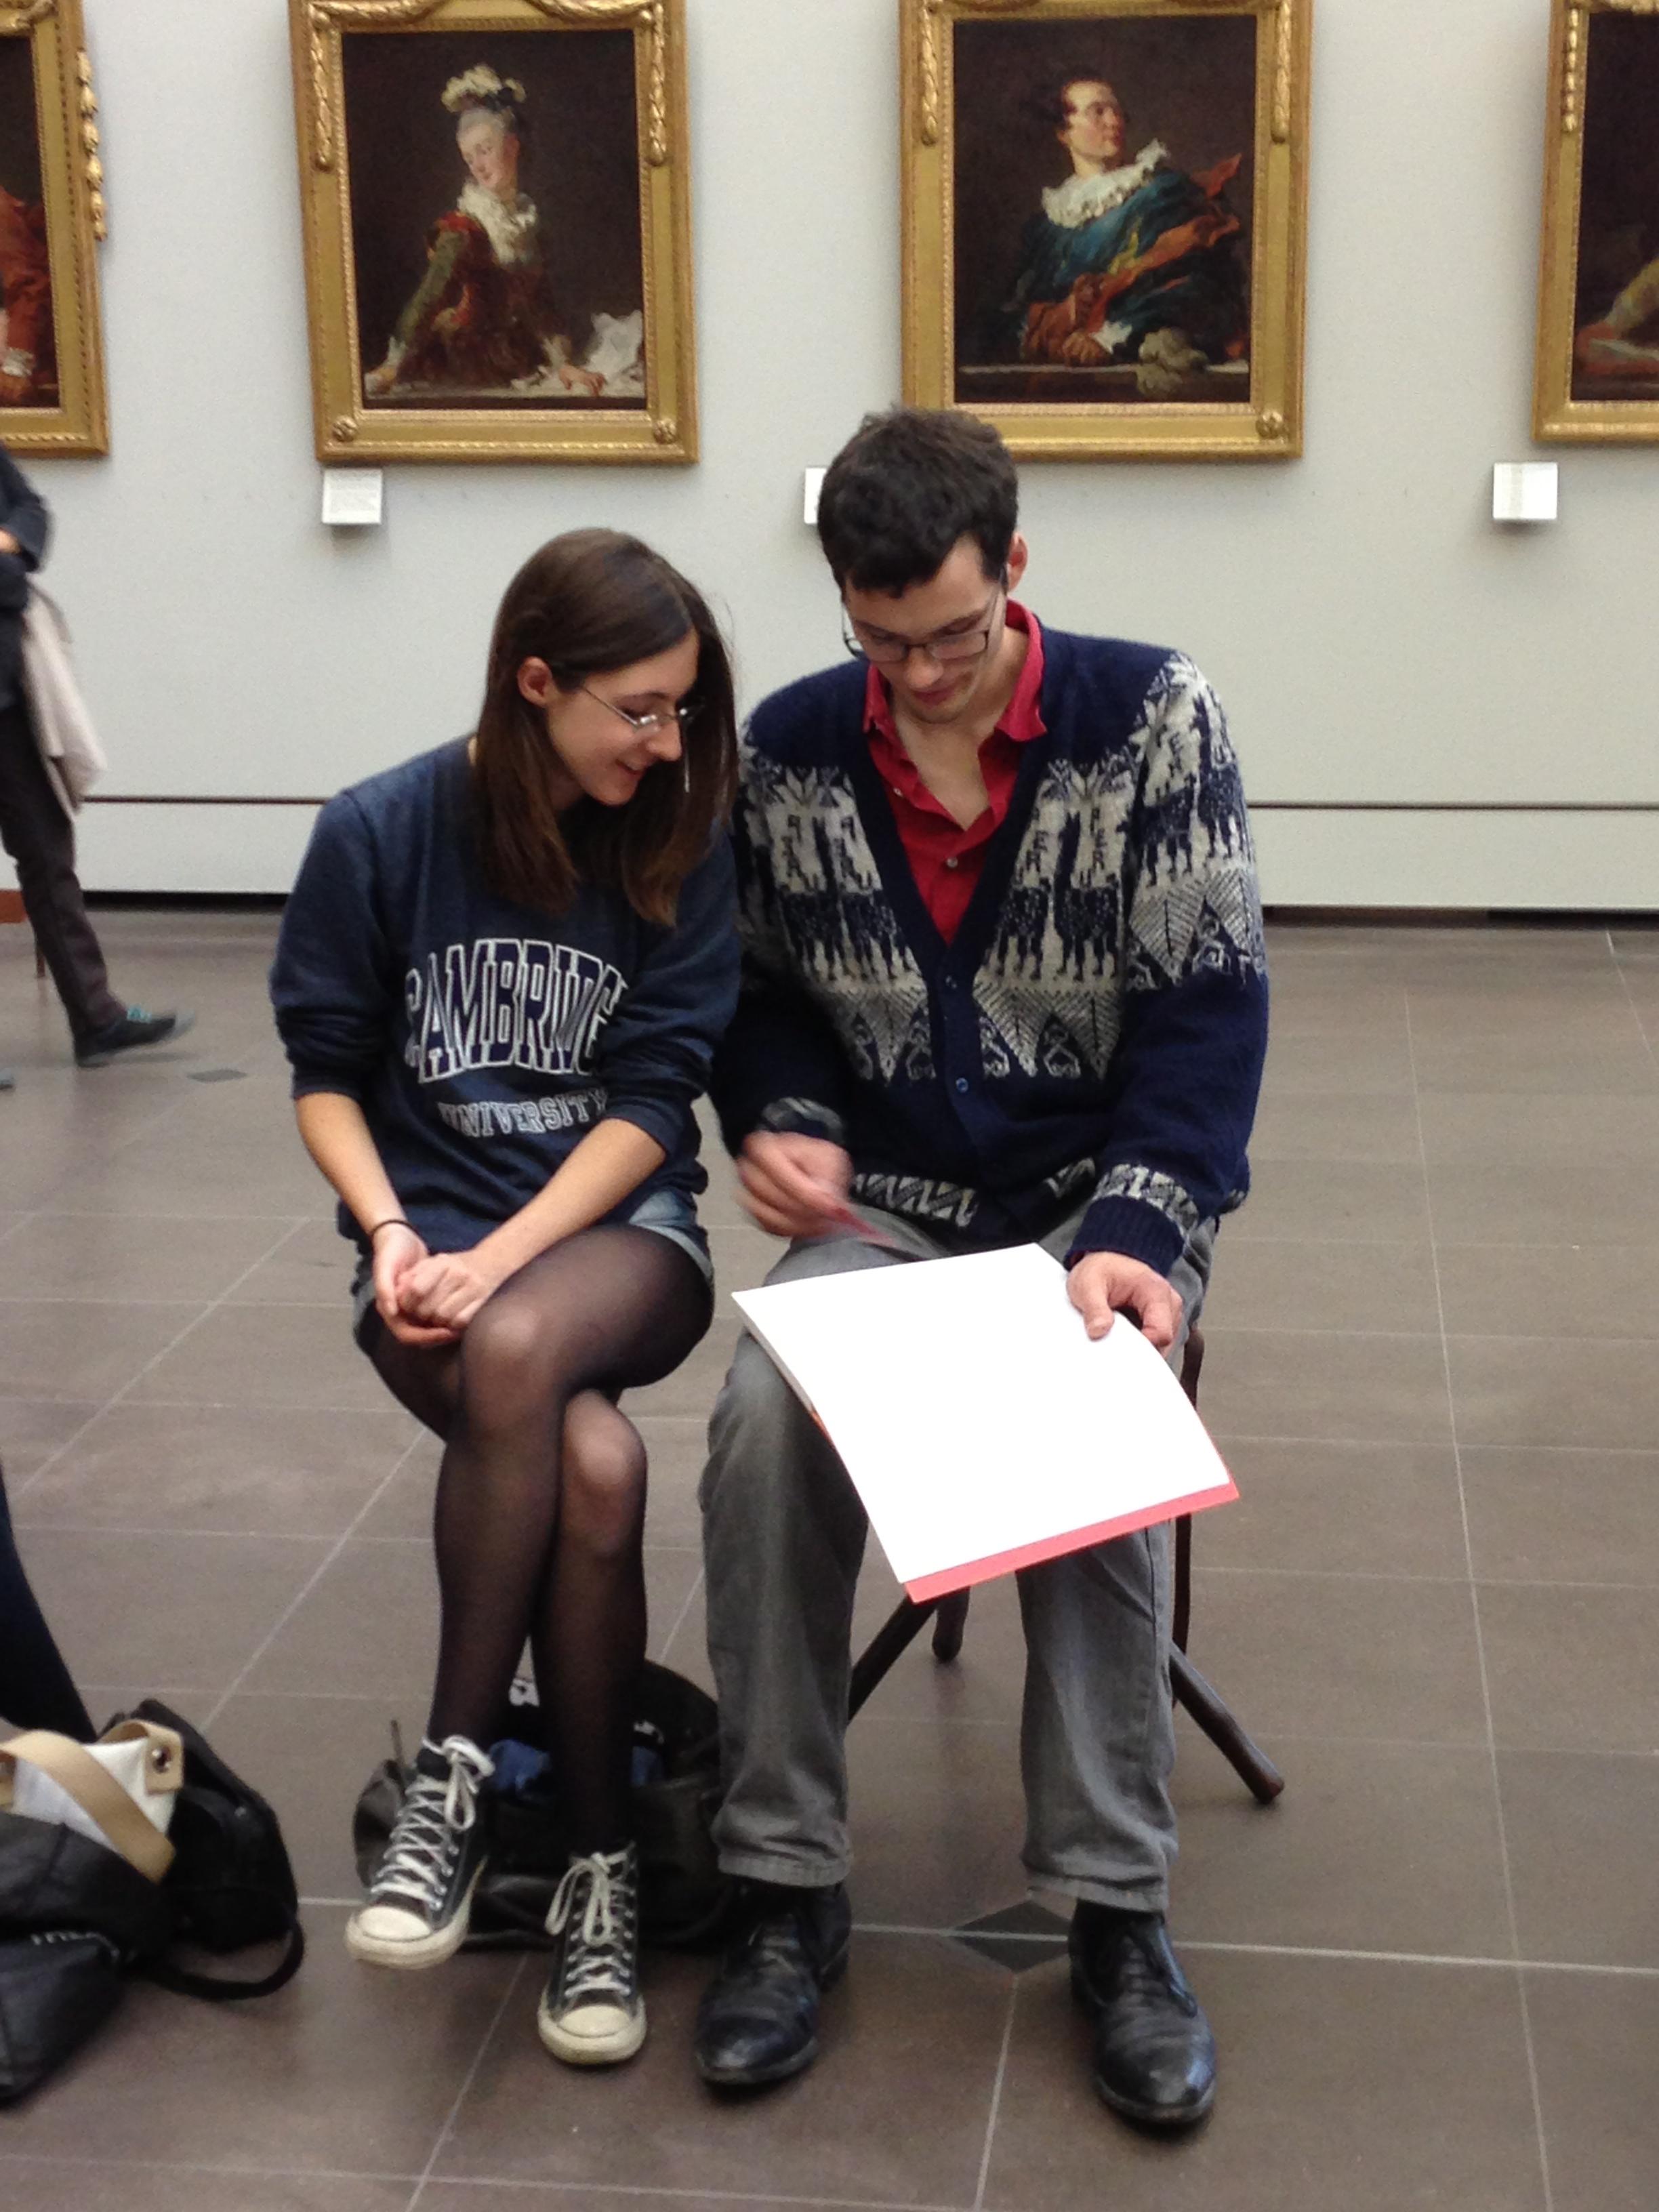 Cours de dessin au Louvre avec Michel Perot